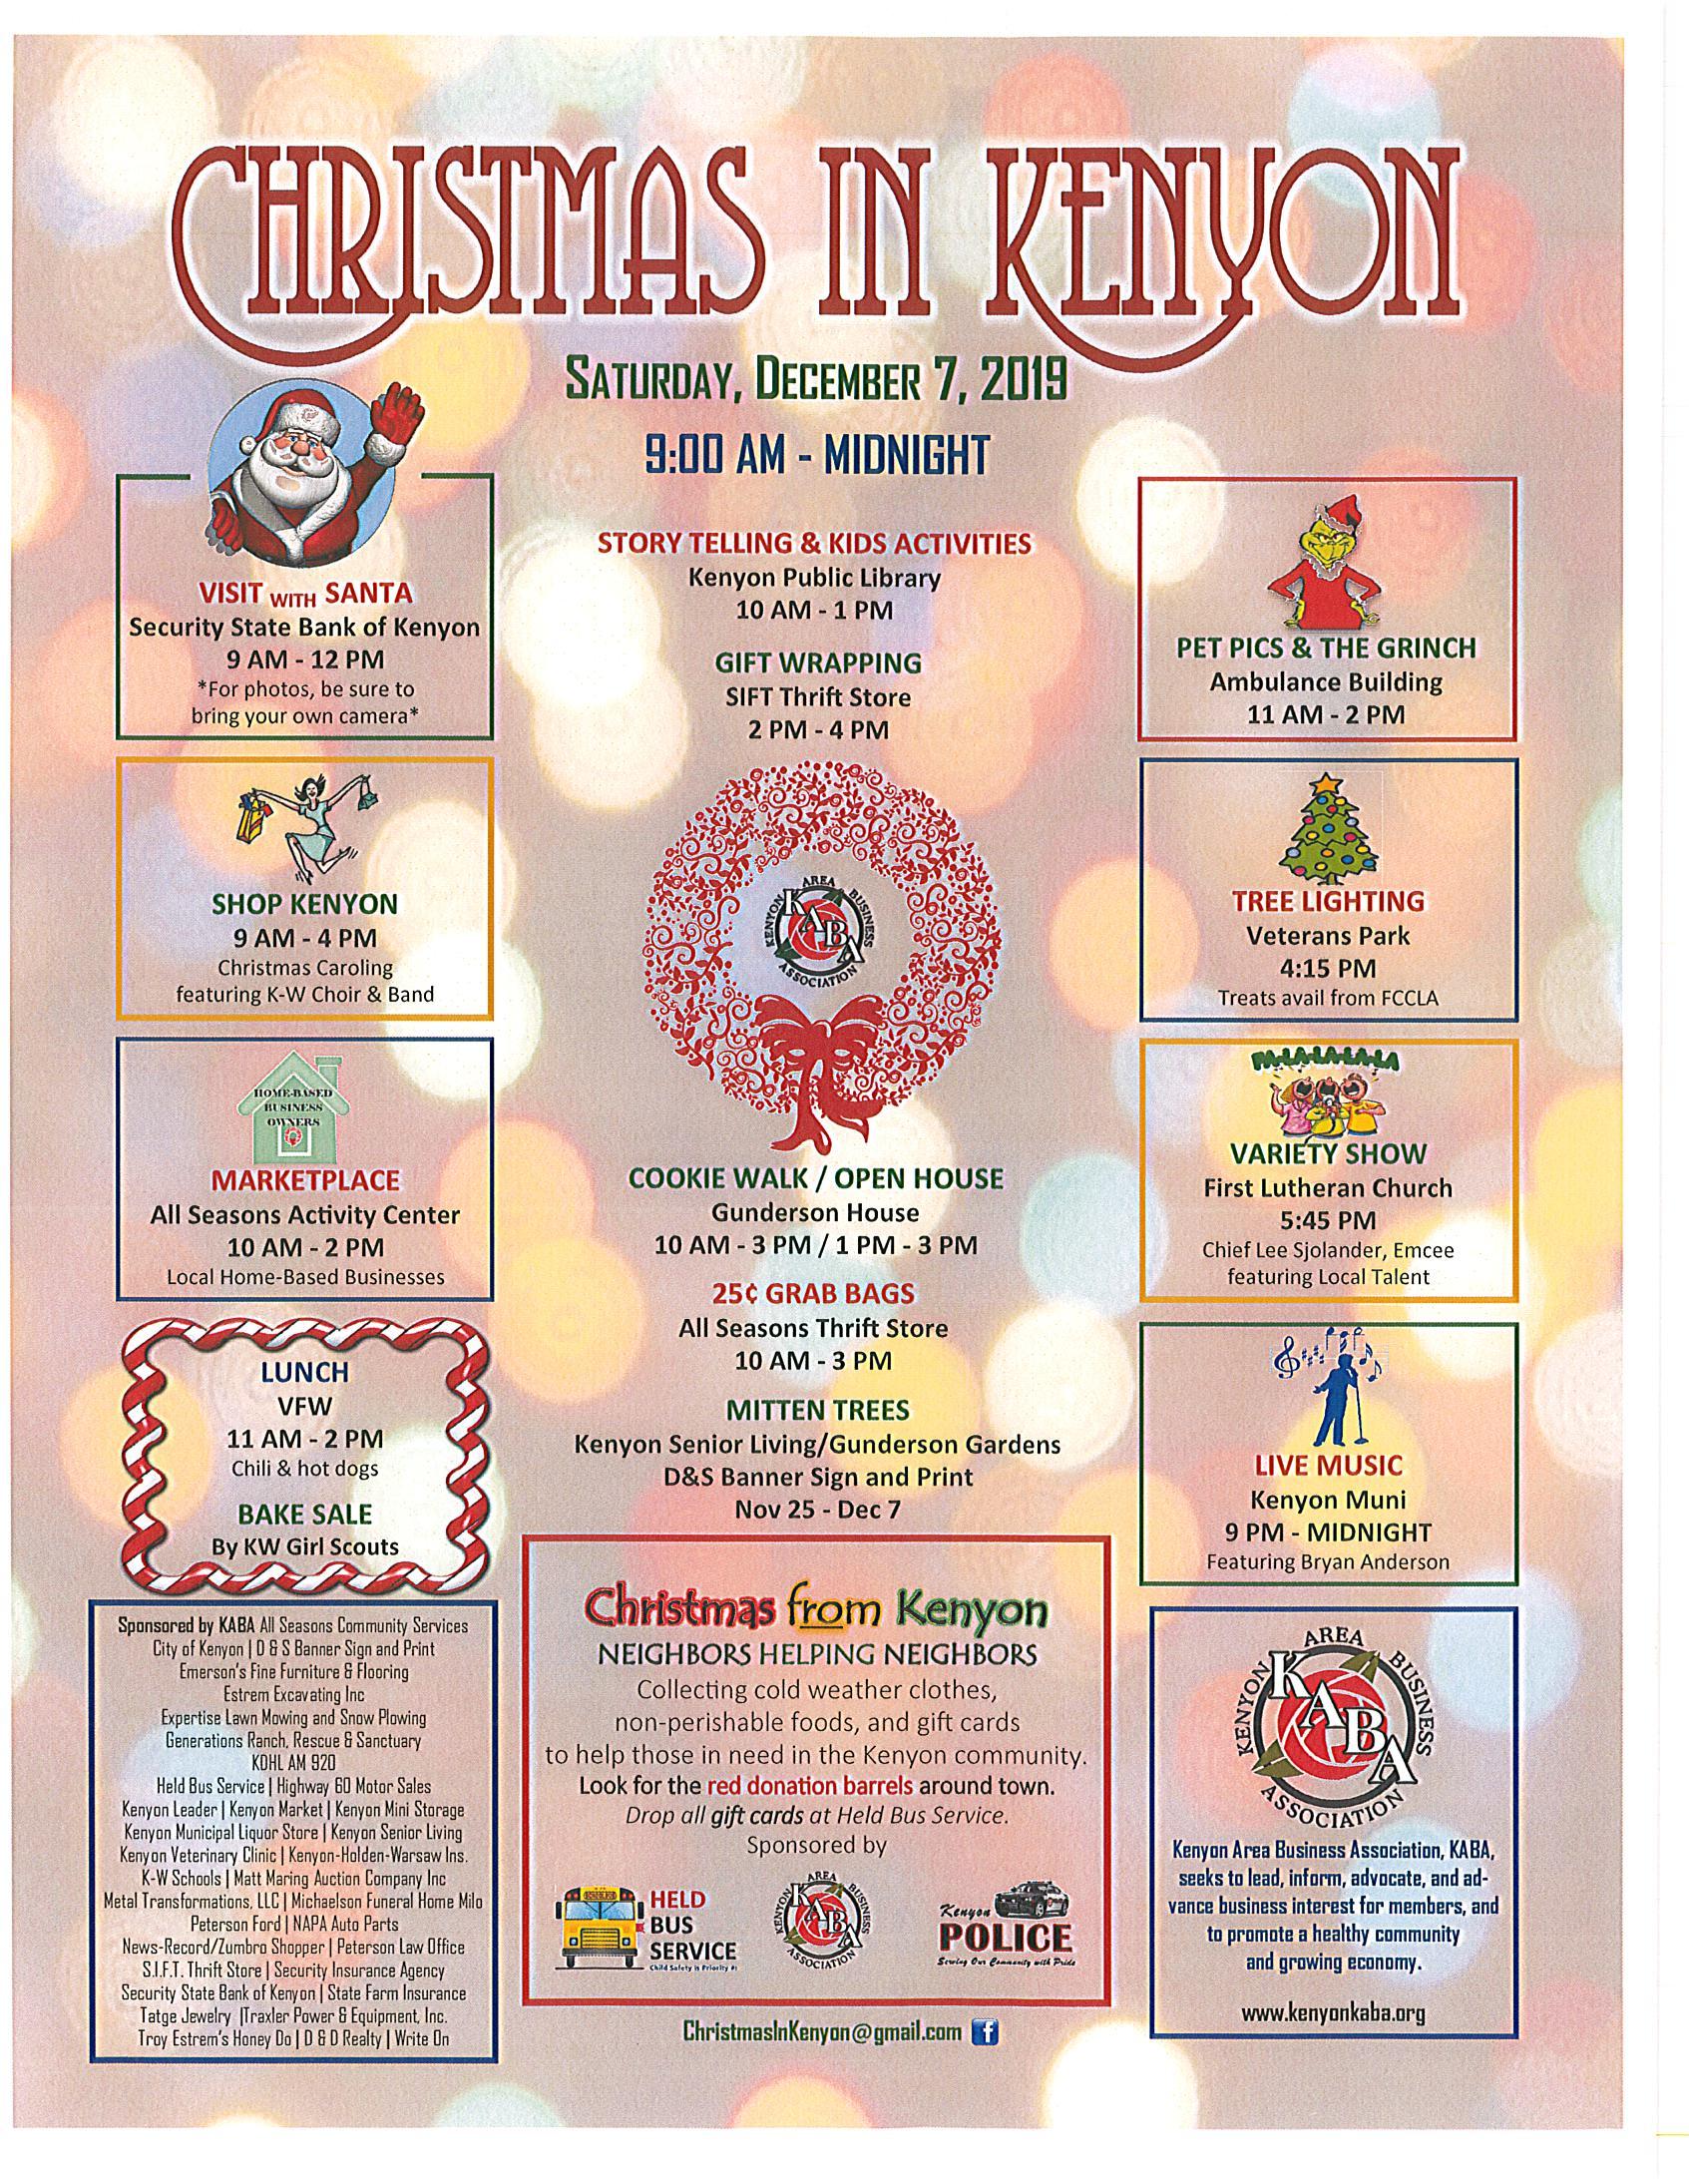 Christmas in Kenyon